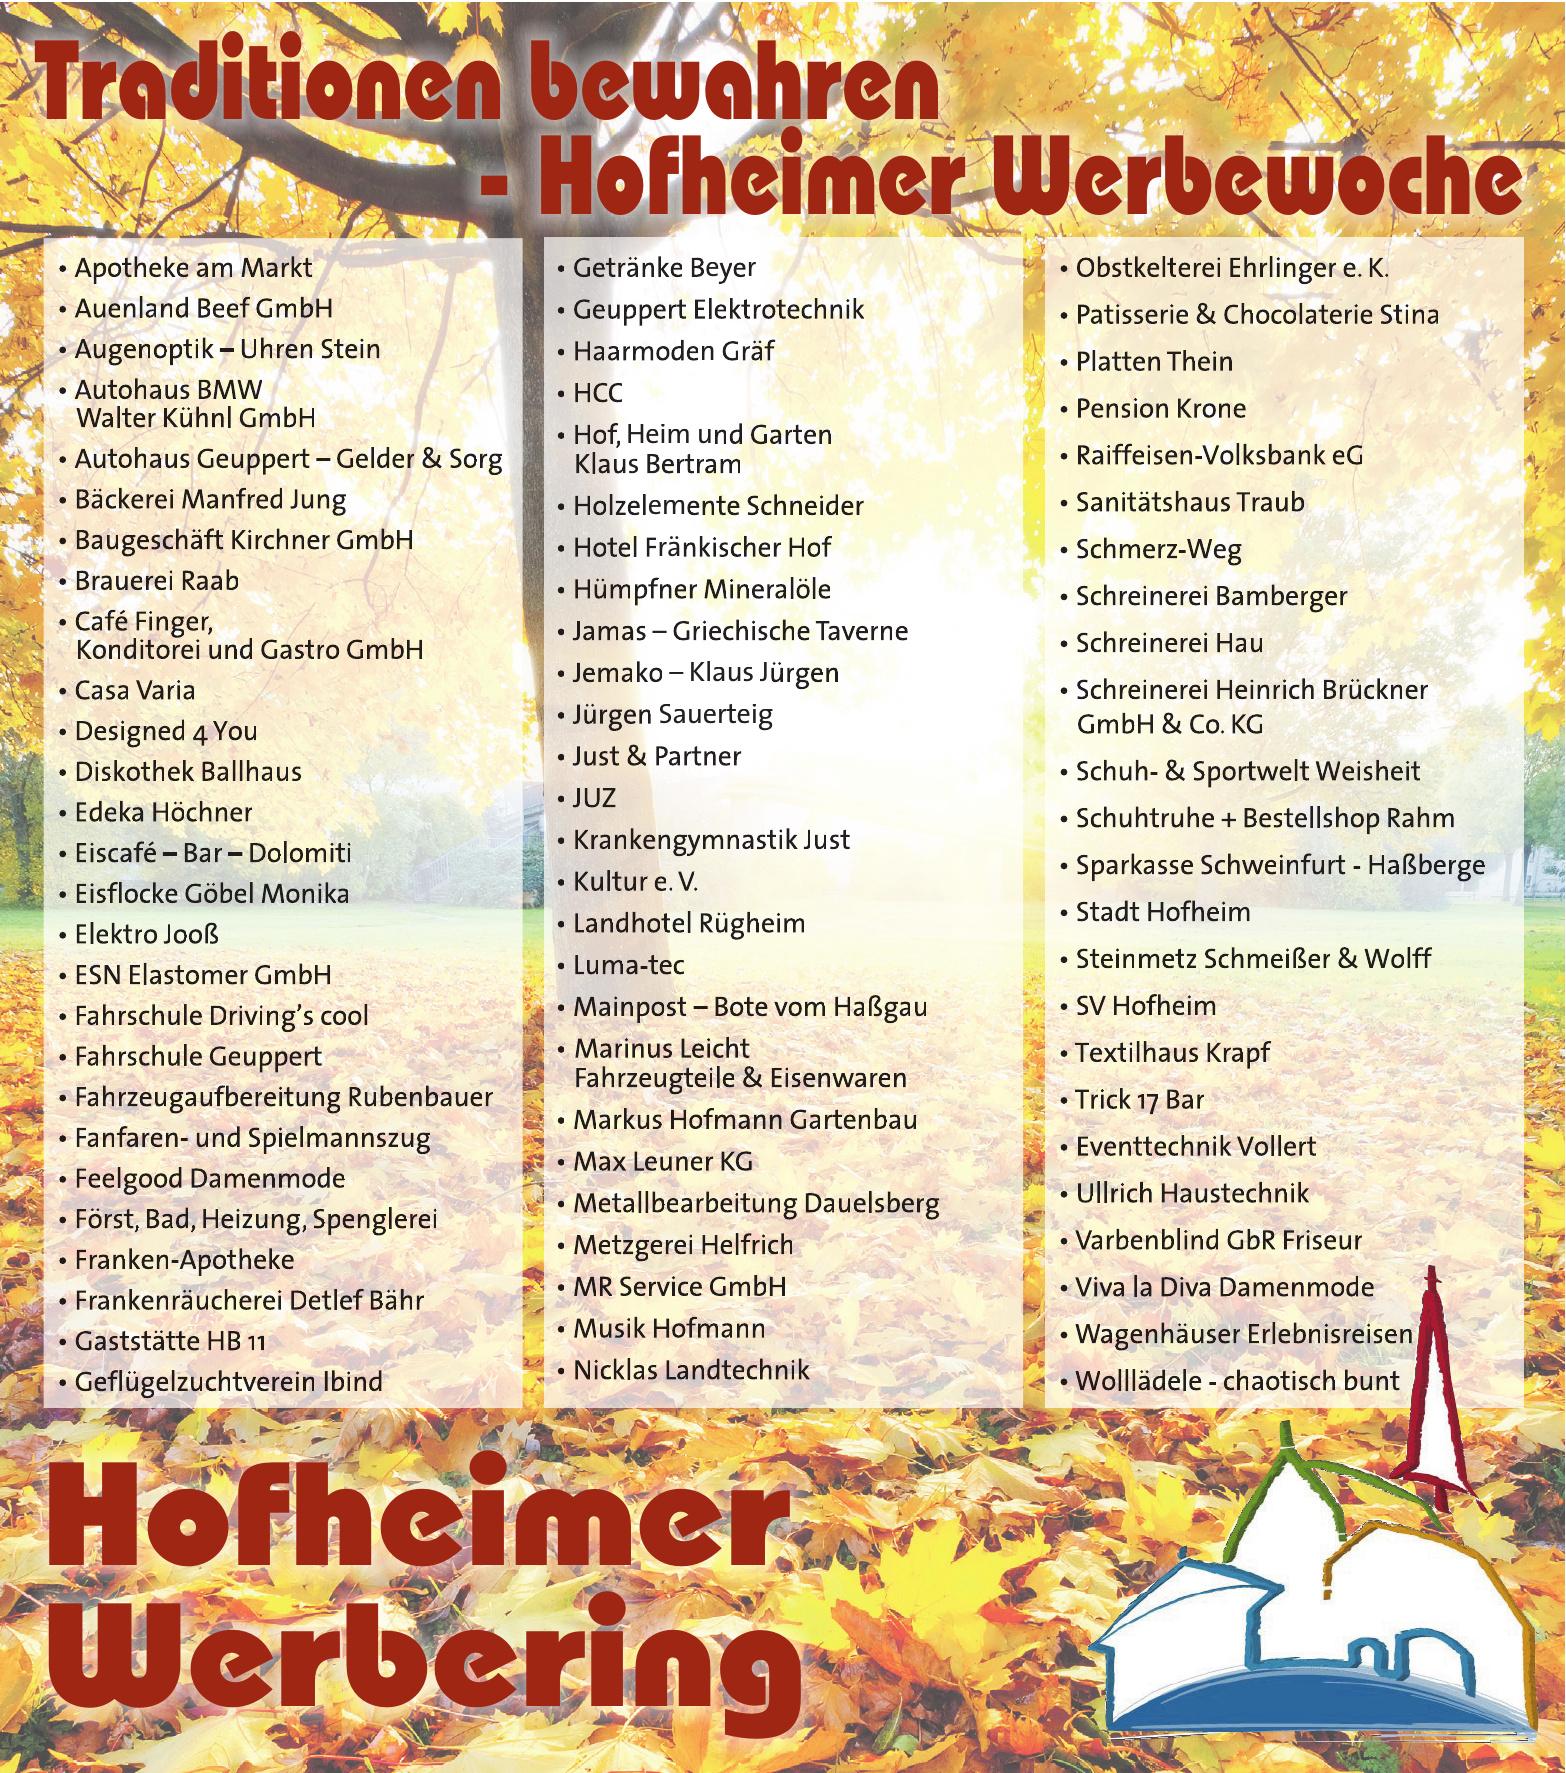 Traditionen bewahren - Hofheimer Werbewoche